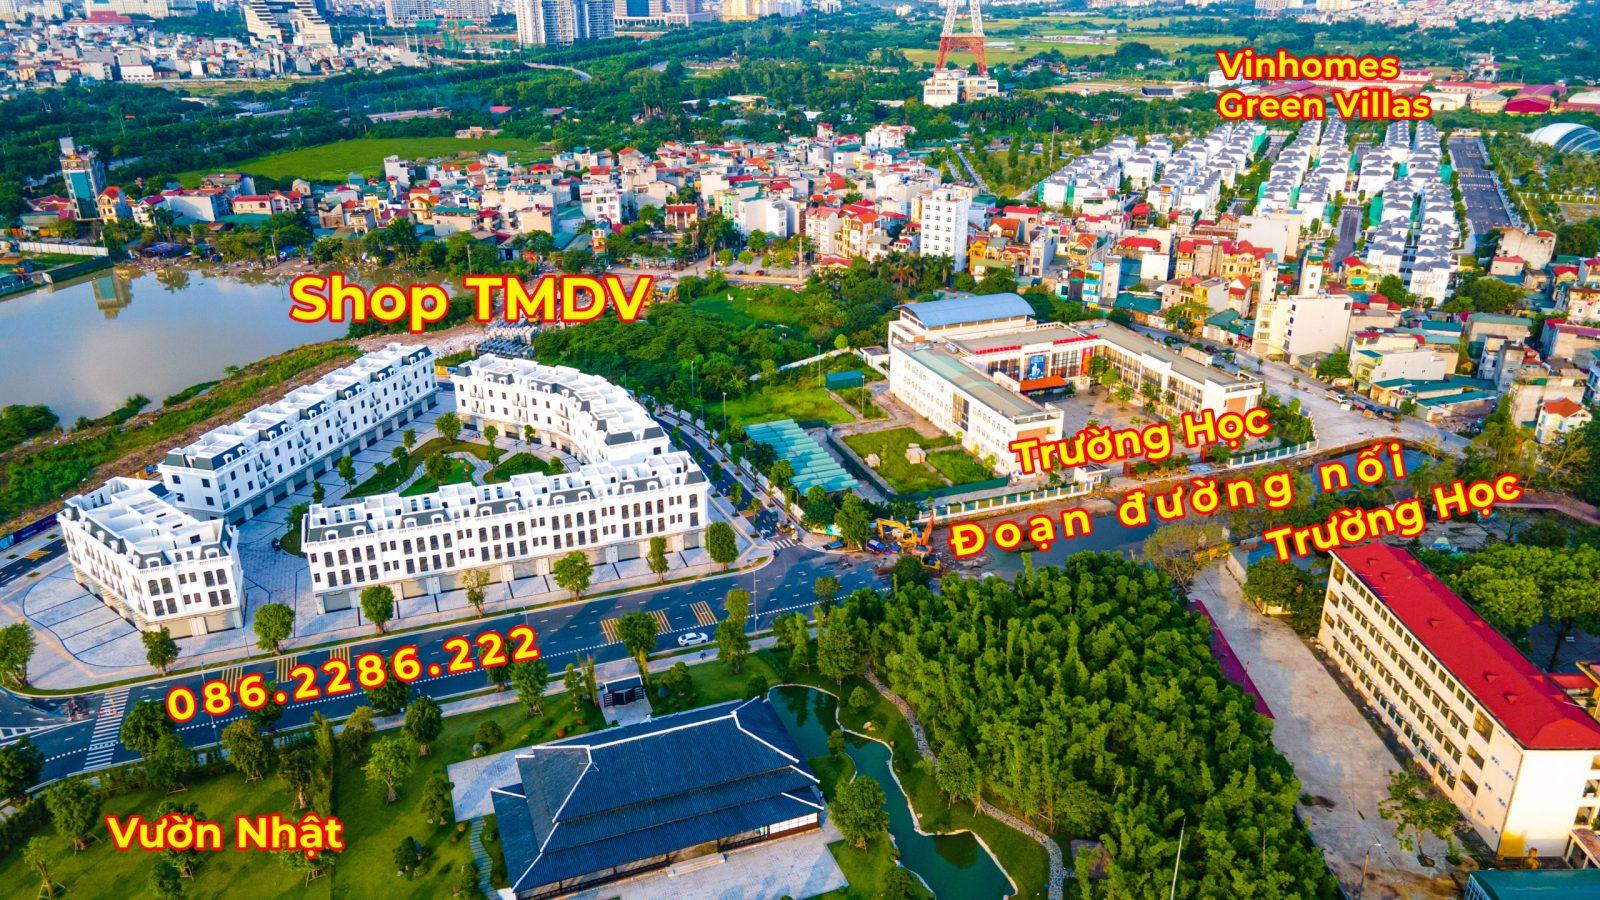 Đoạn đường nối Shop thương mại dịch vụ Vinhomes Smart City Vườn Nhật với Biệt thự Vinhomes Green Villas đang triển khai